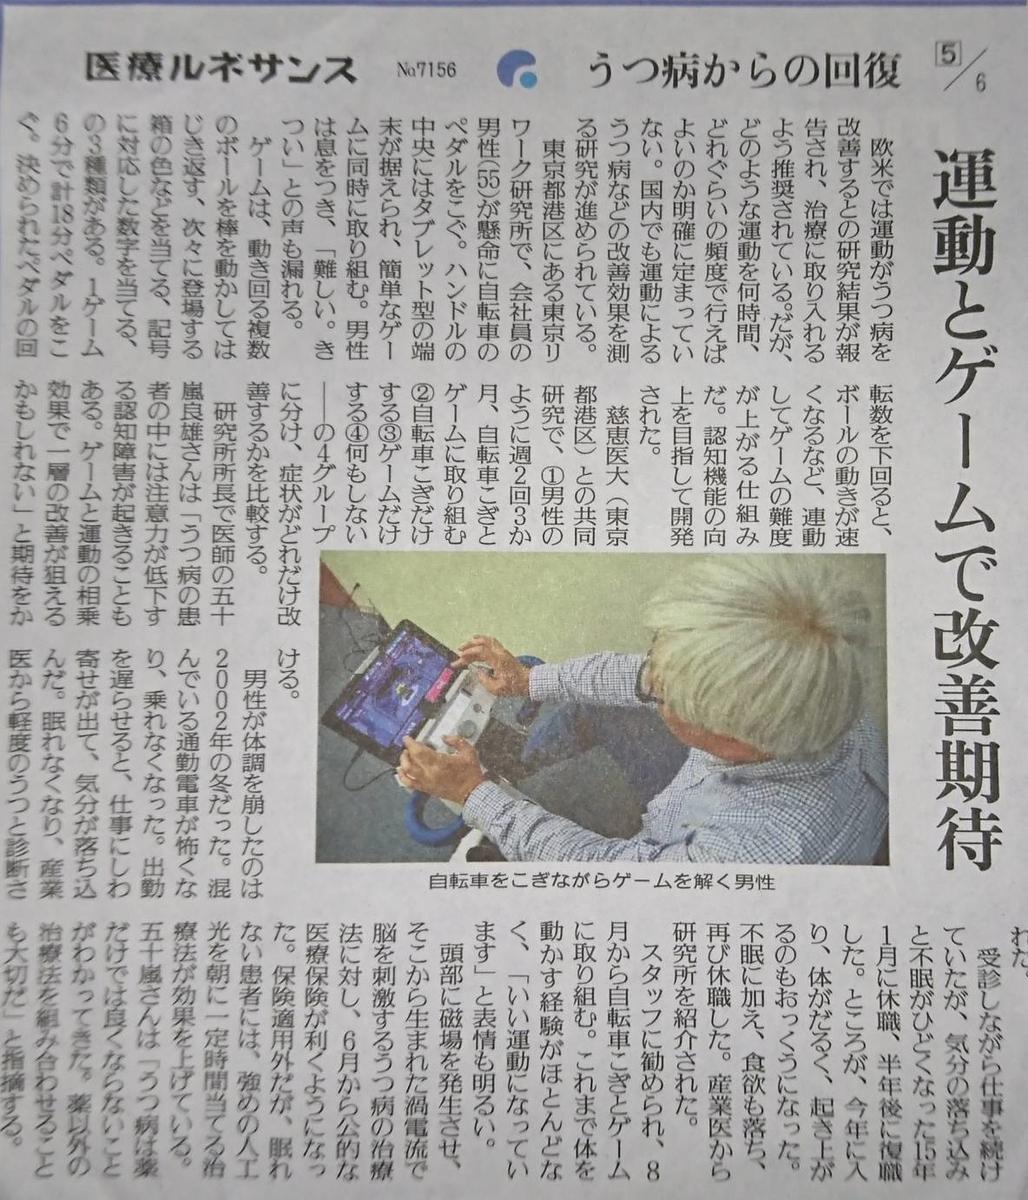 f:id:kazura-kobayashi:20200730145609j:plain